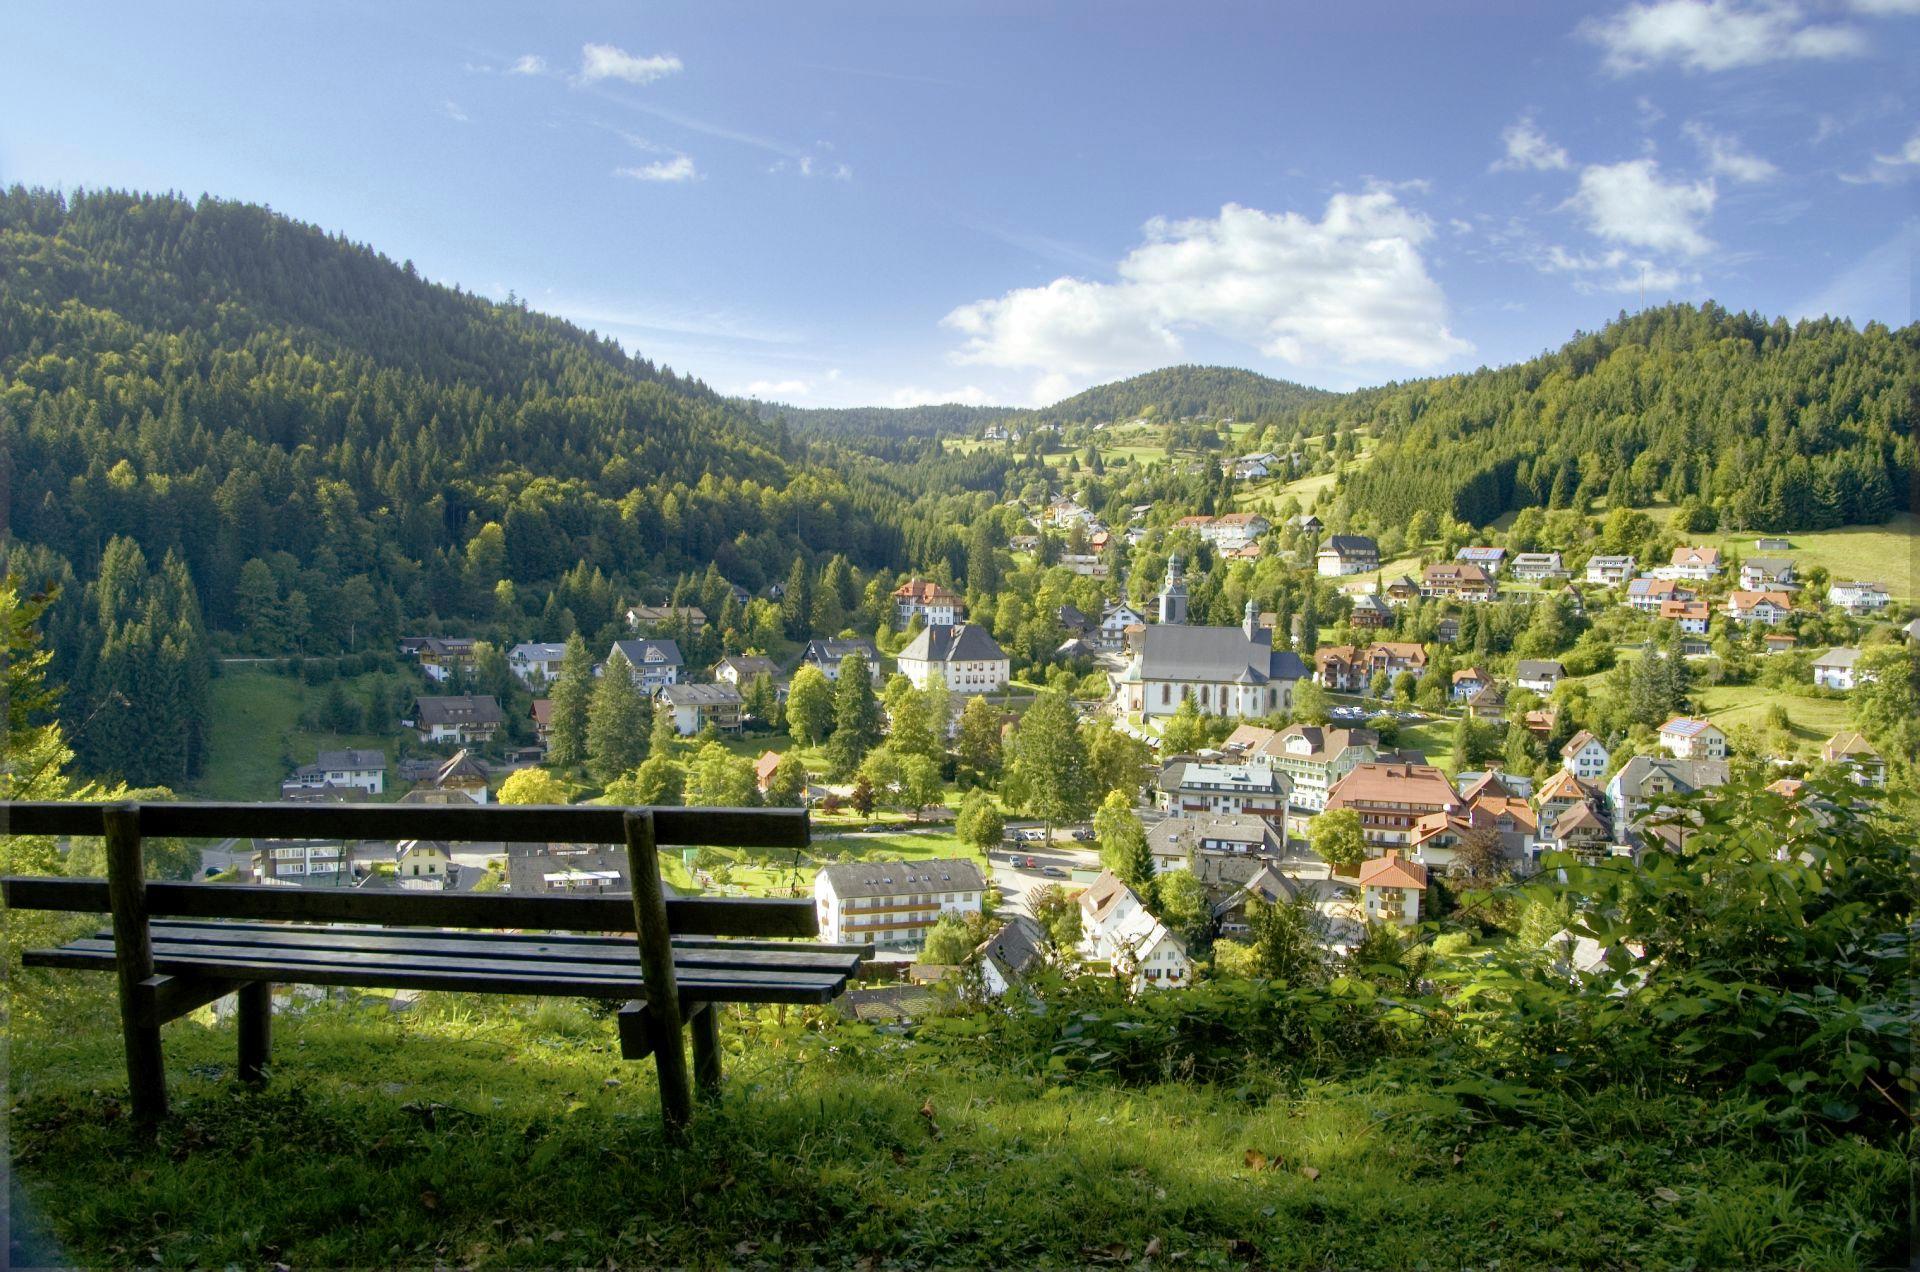 Ferienwohnung Kupferkanne - Fewo Wand  Nr 21 - Todtmoos, Liftverbund Feldberg (2641734), Todtmoos, Schwarzwald, Baden-Württemberg, Deutschland, Bild 19